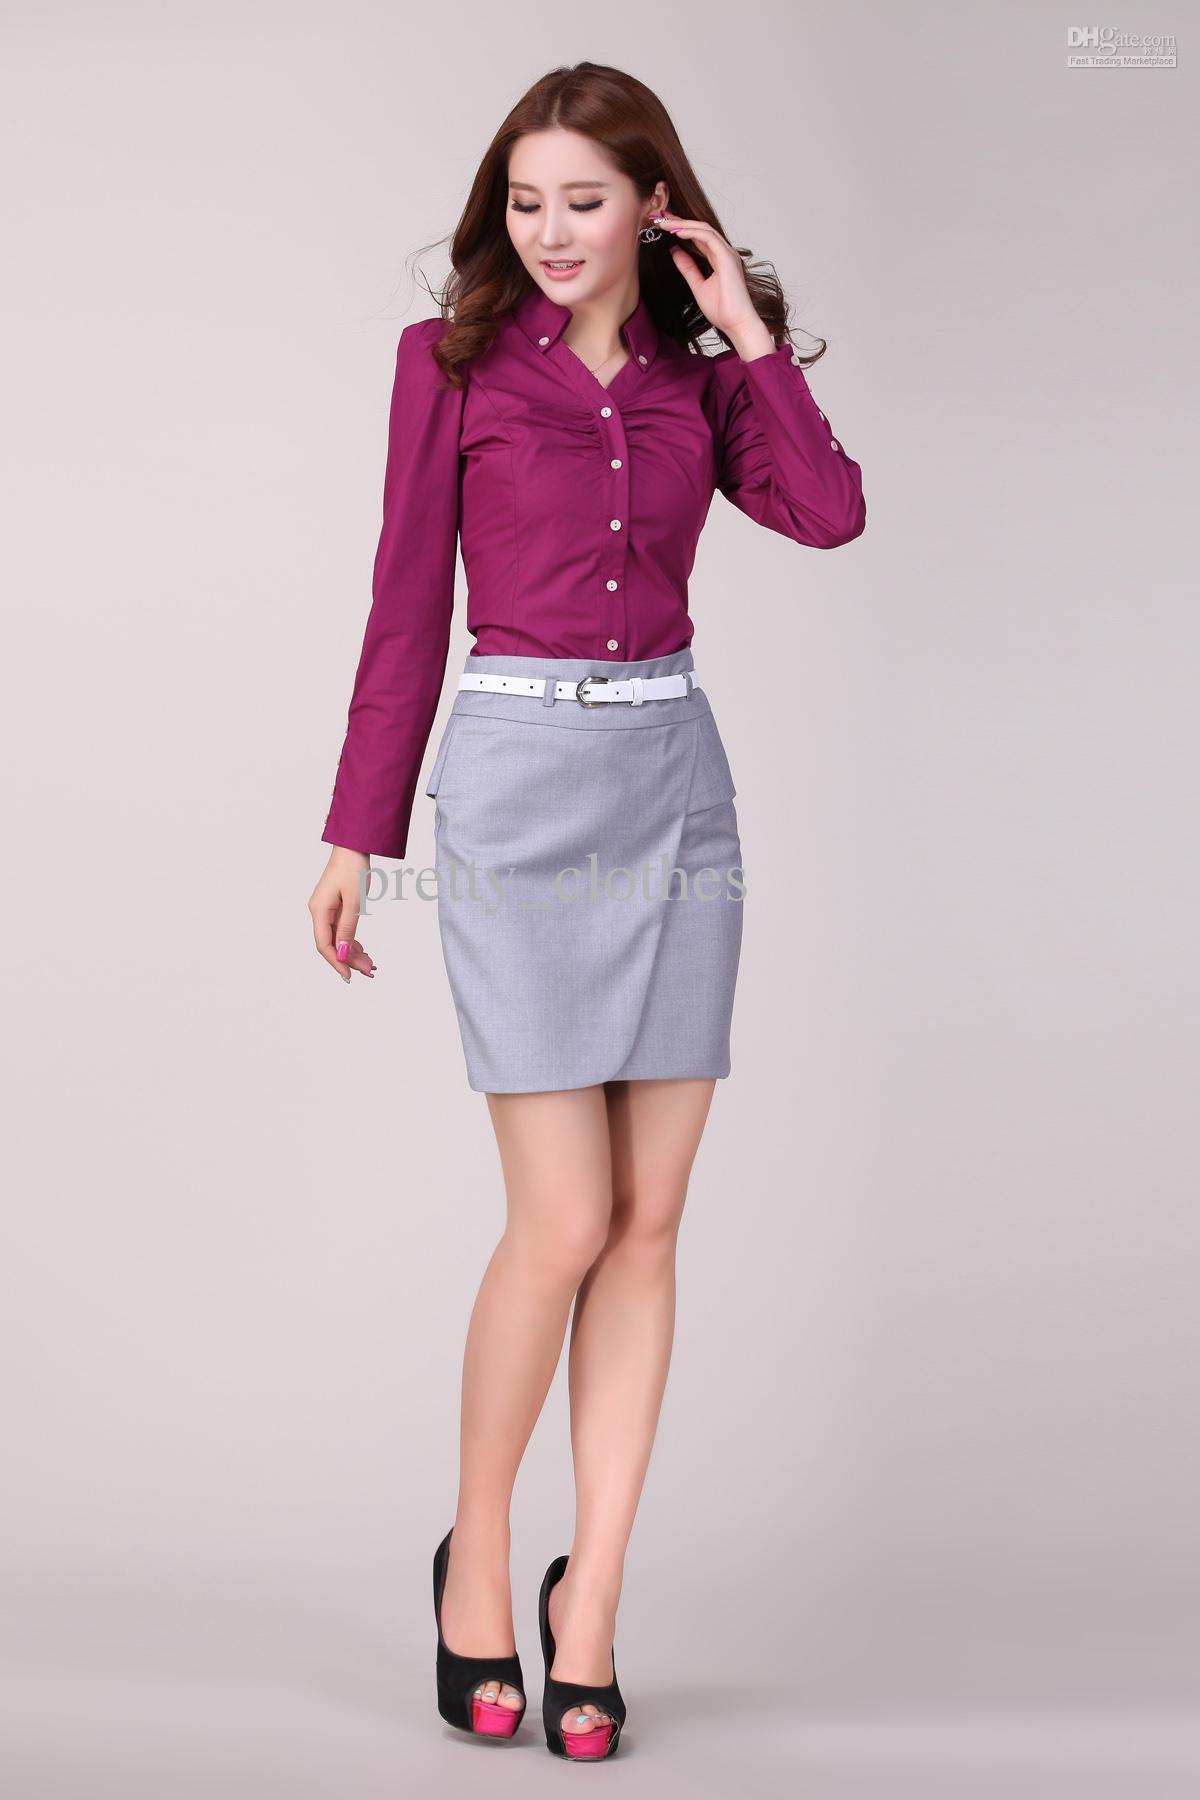 Kemeja Lengan Panjang dan Rok Span untuk Baju Kerja Wanita